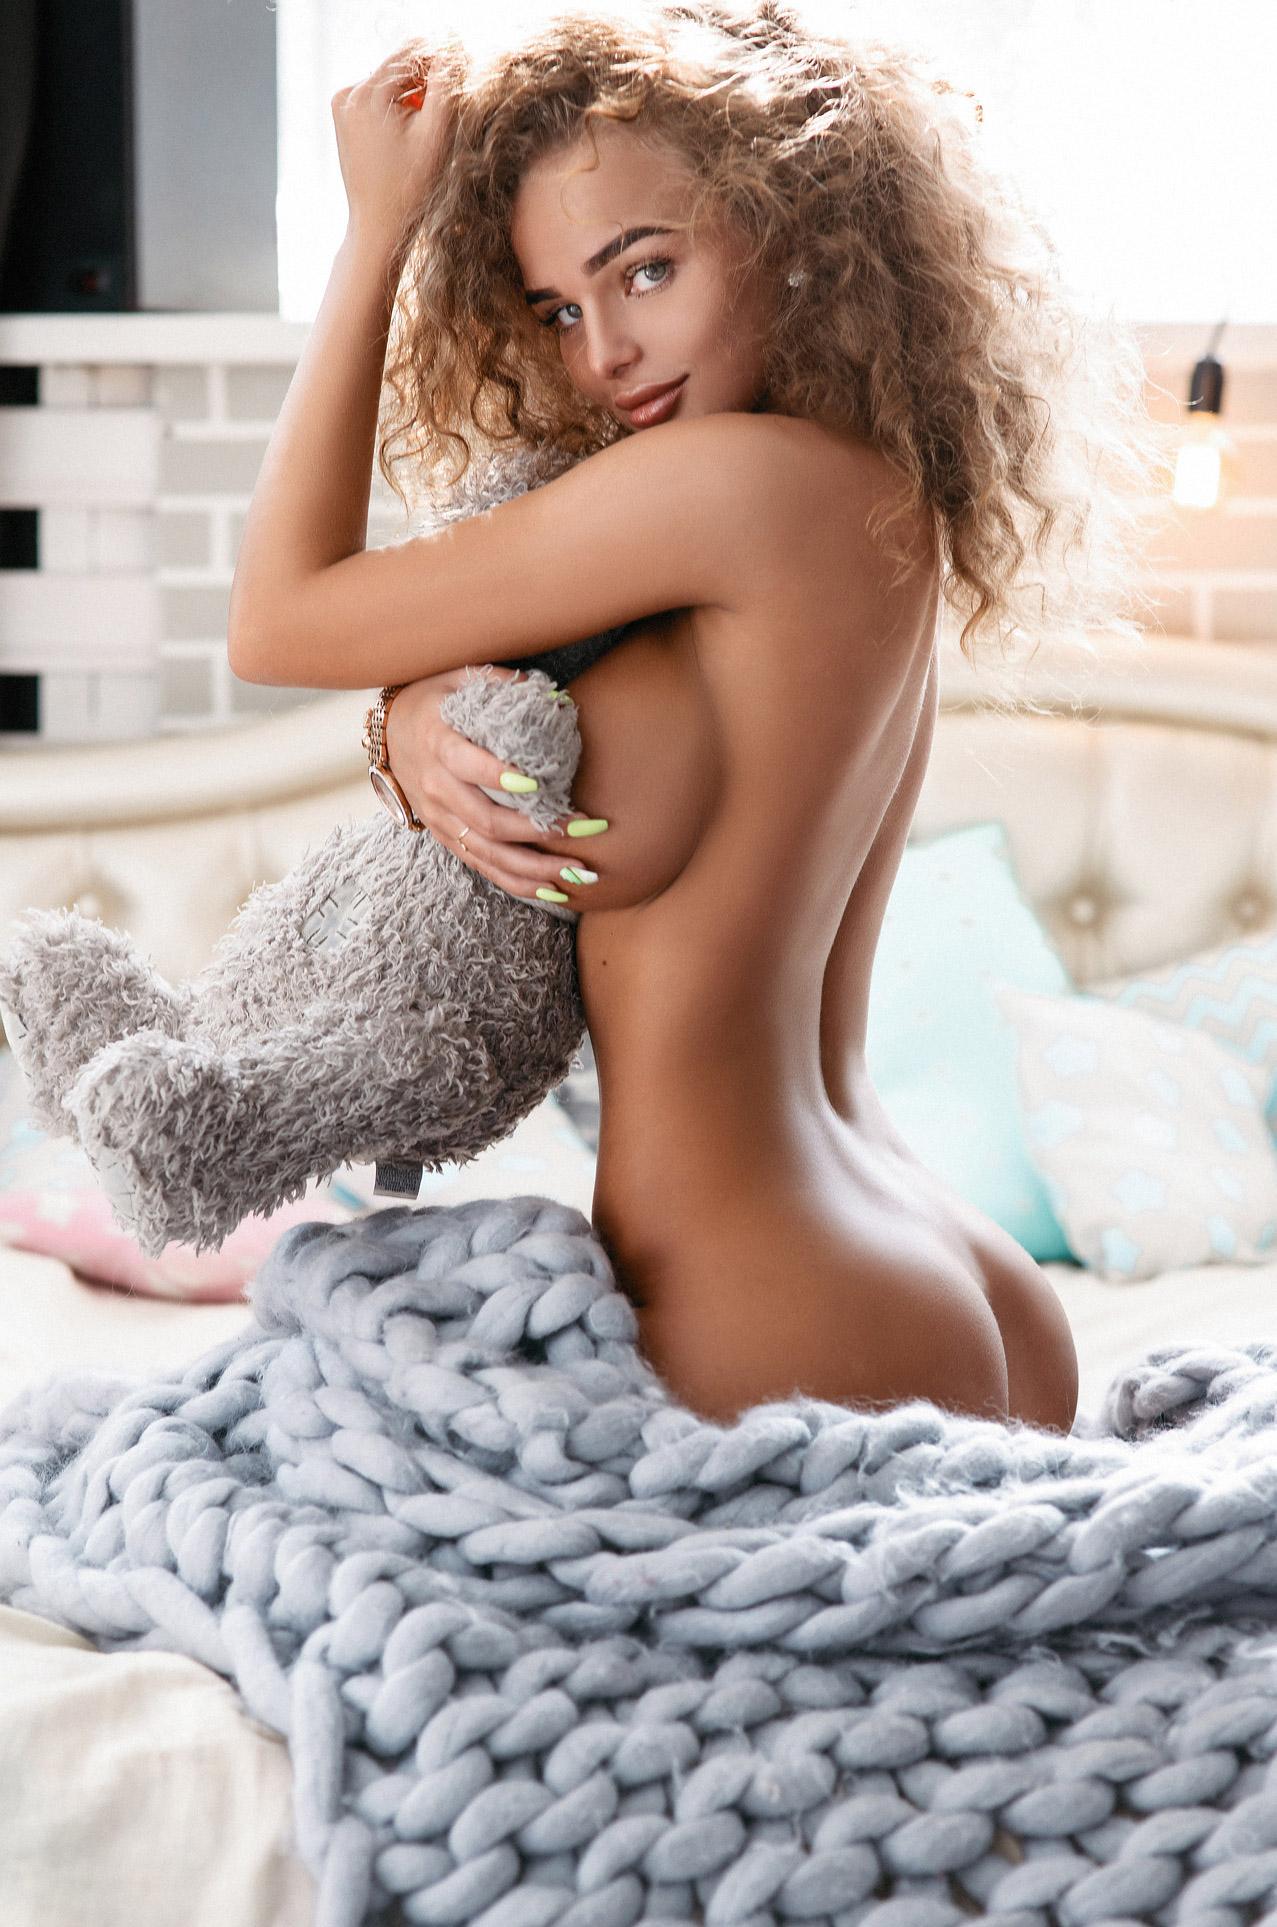 сексуальная Анастасия Пелевина и плюшевый мидведь / Anastasiya Pelevina by Sergey Yakubitskiy